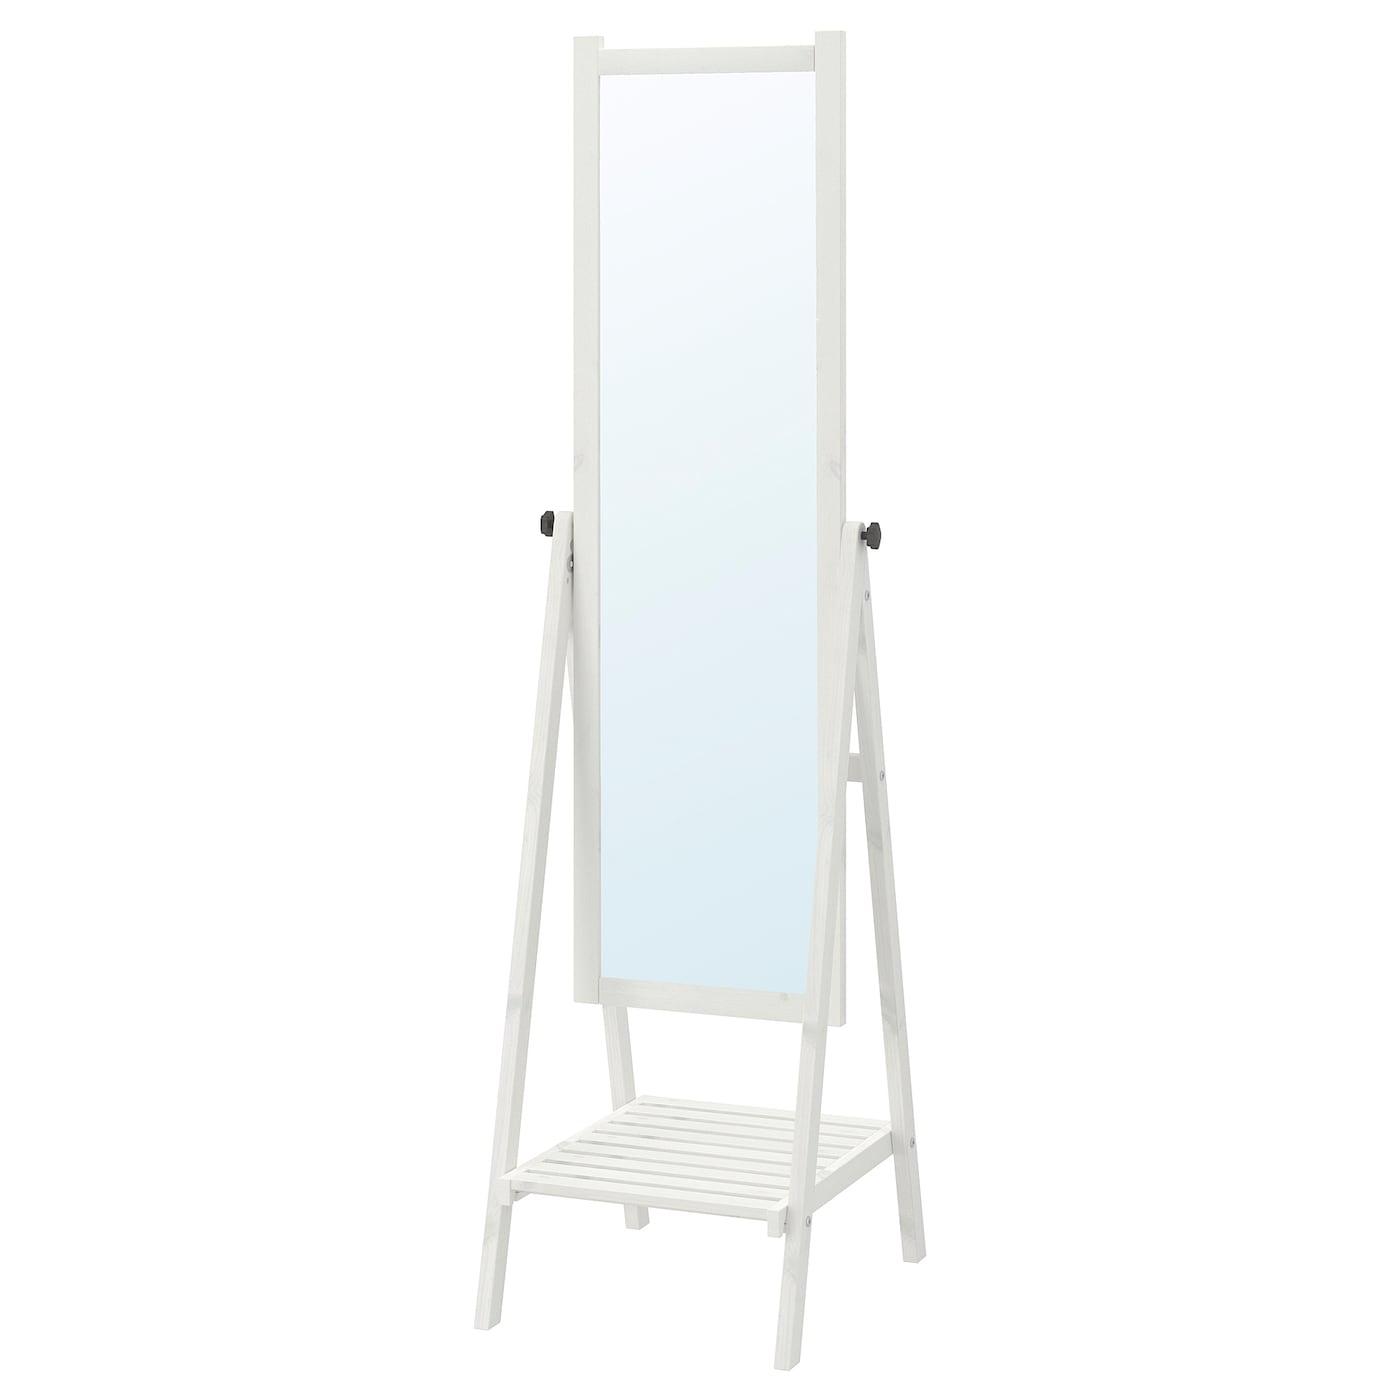 Isfjorden espejo de pie tinte blanco 47 x 182 cm ikea - Espejo pie ikea ...